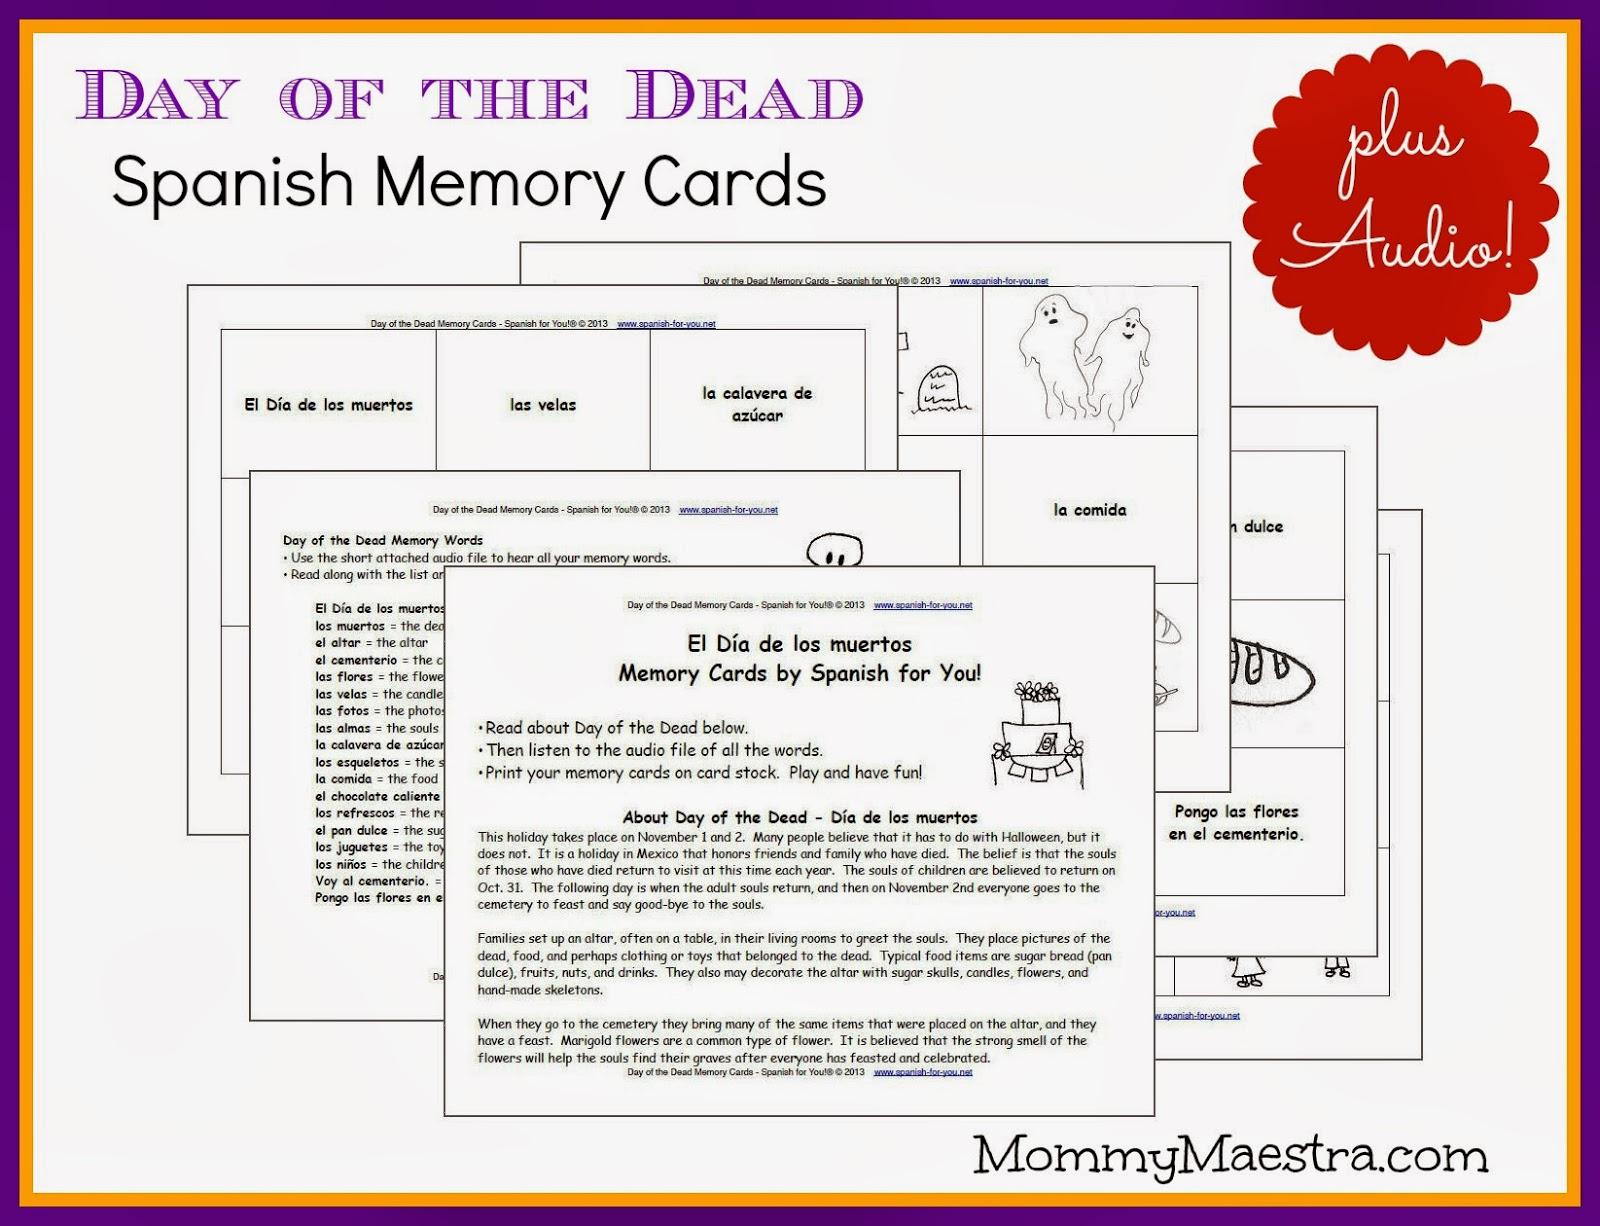 Mommy Maestra: Free Día de los Muertos Spanish Vocabulary Cards